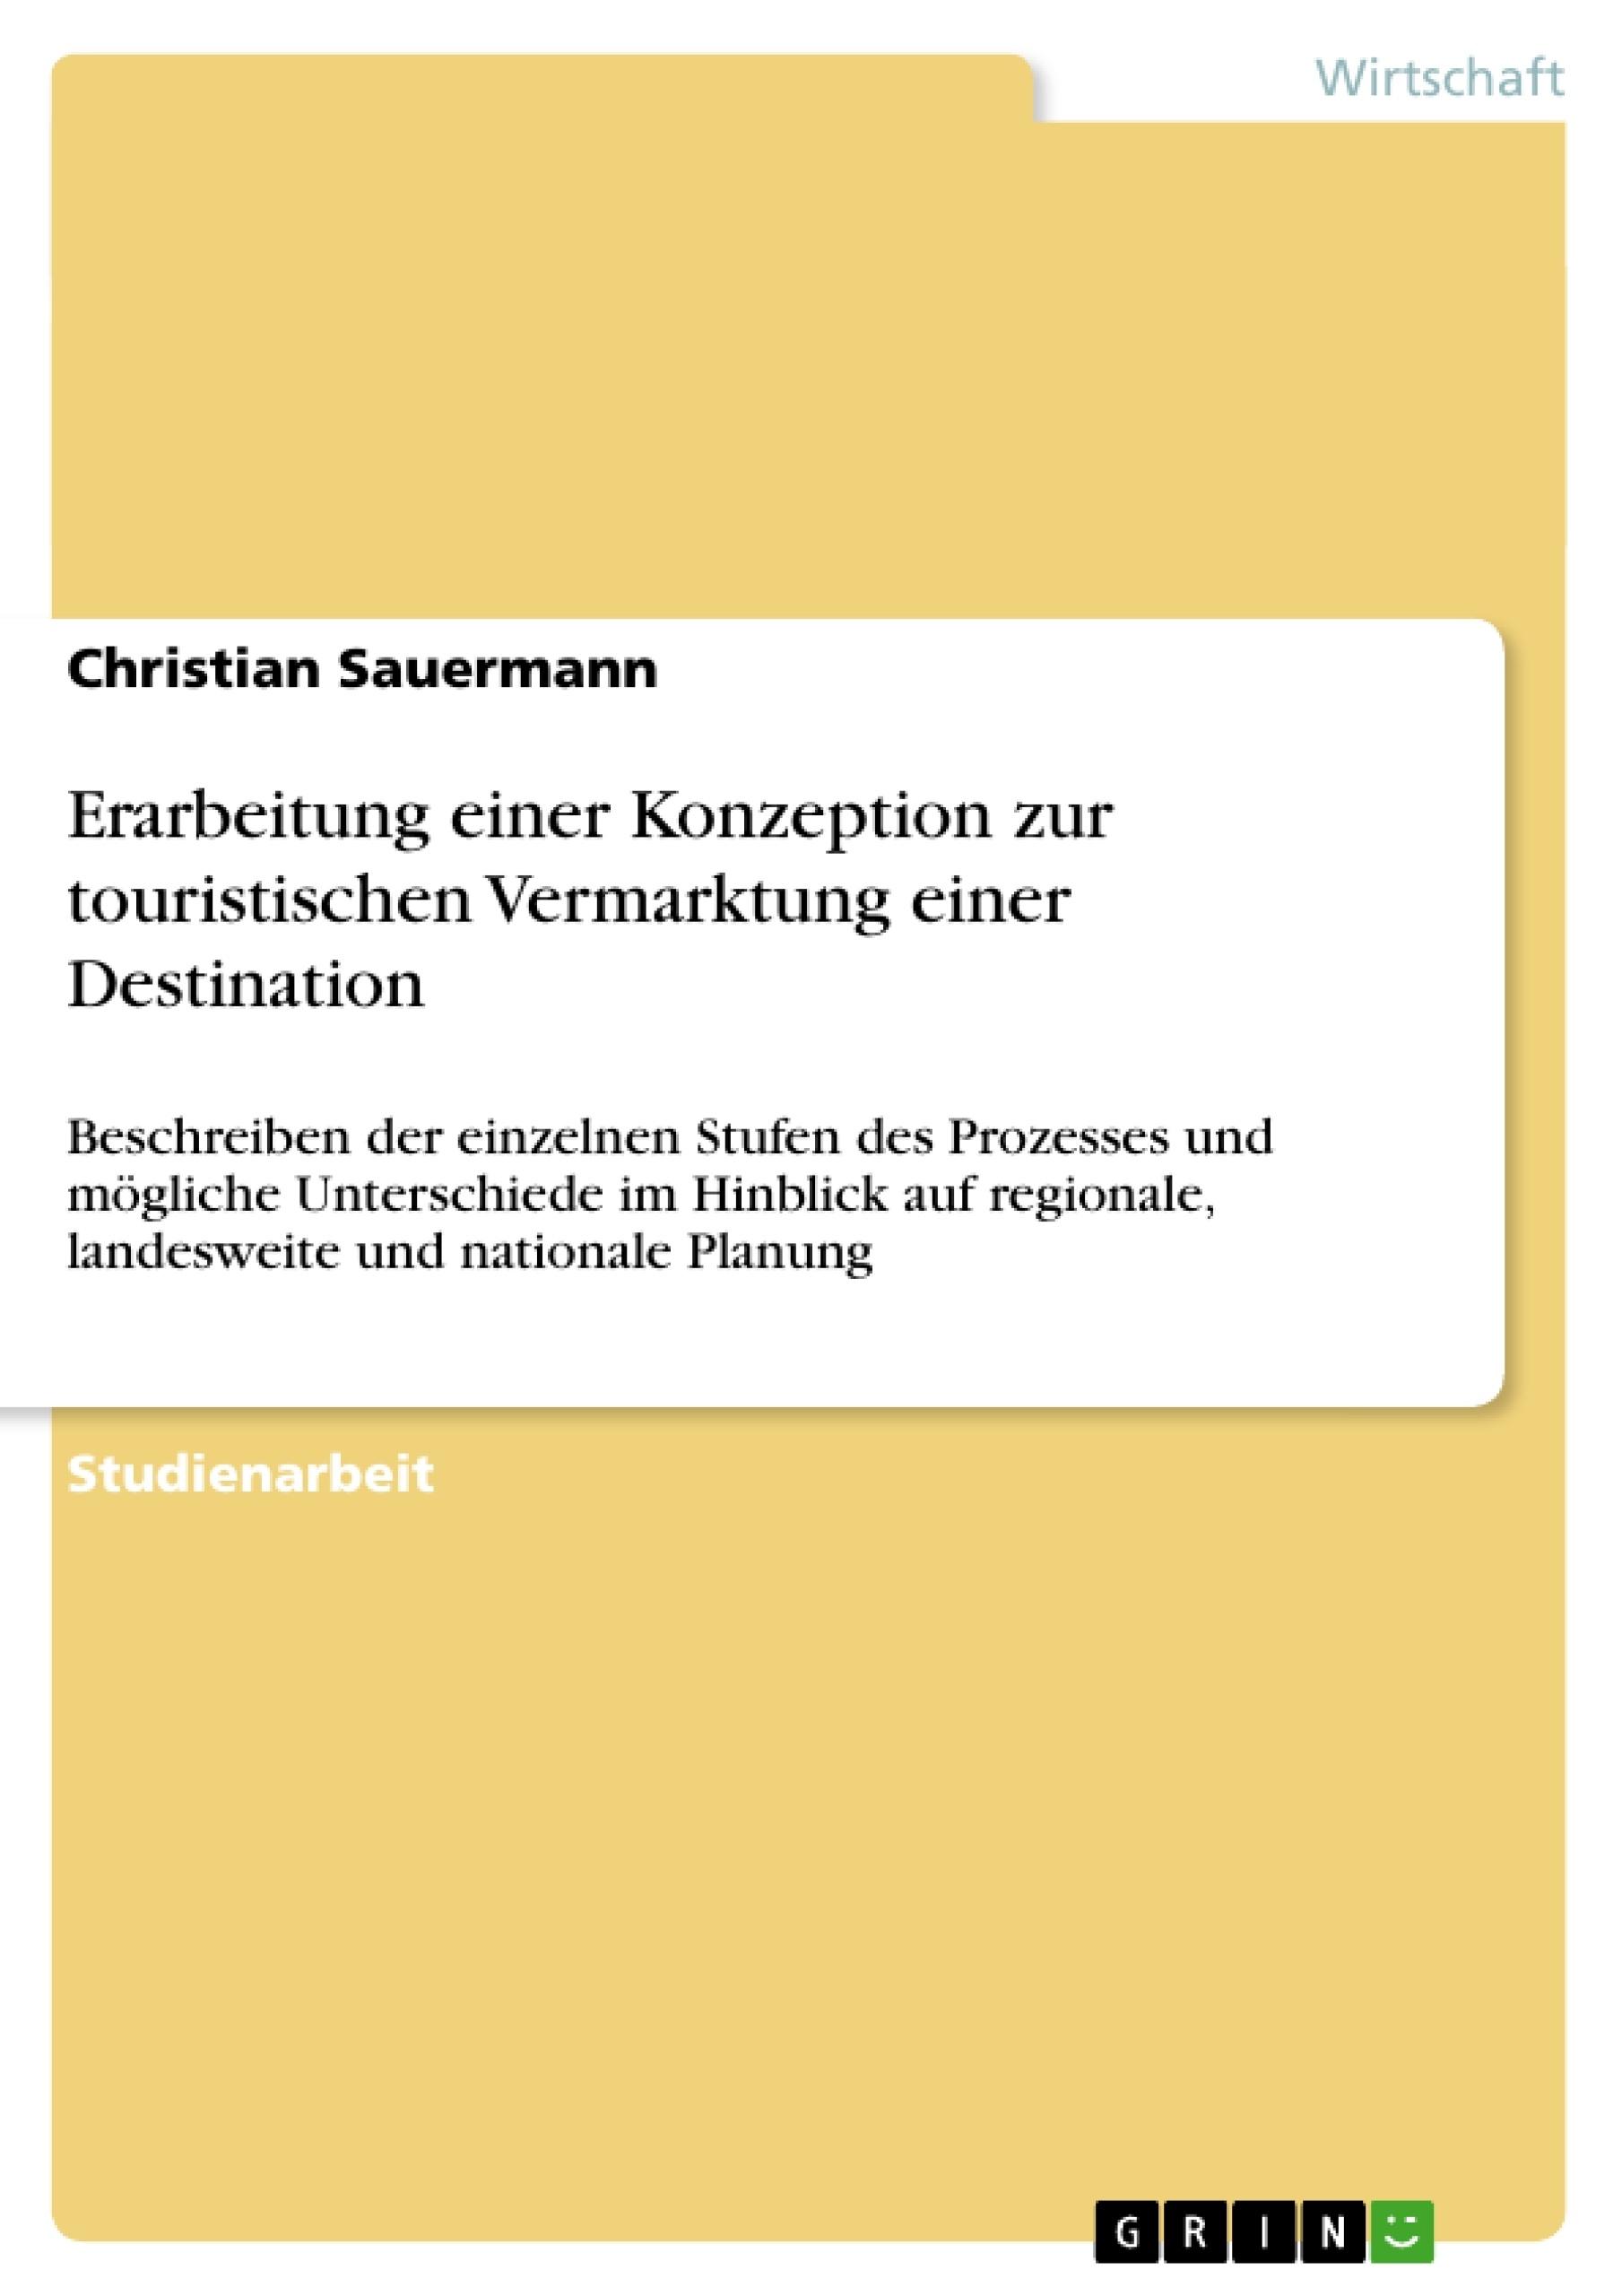 Titel: Erarbeitung einer Konzeption zur touristischen Vermarktung einer Destination